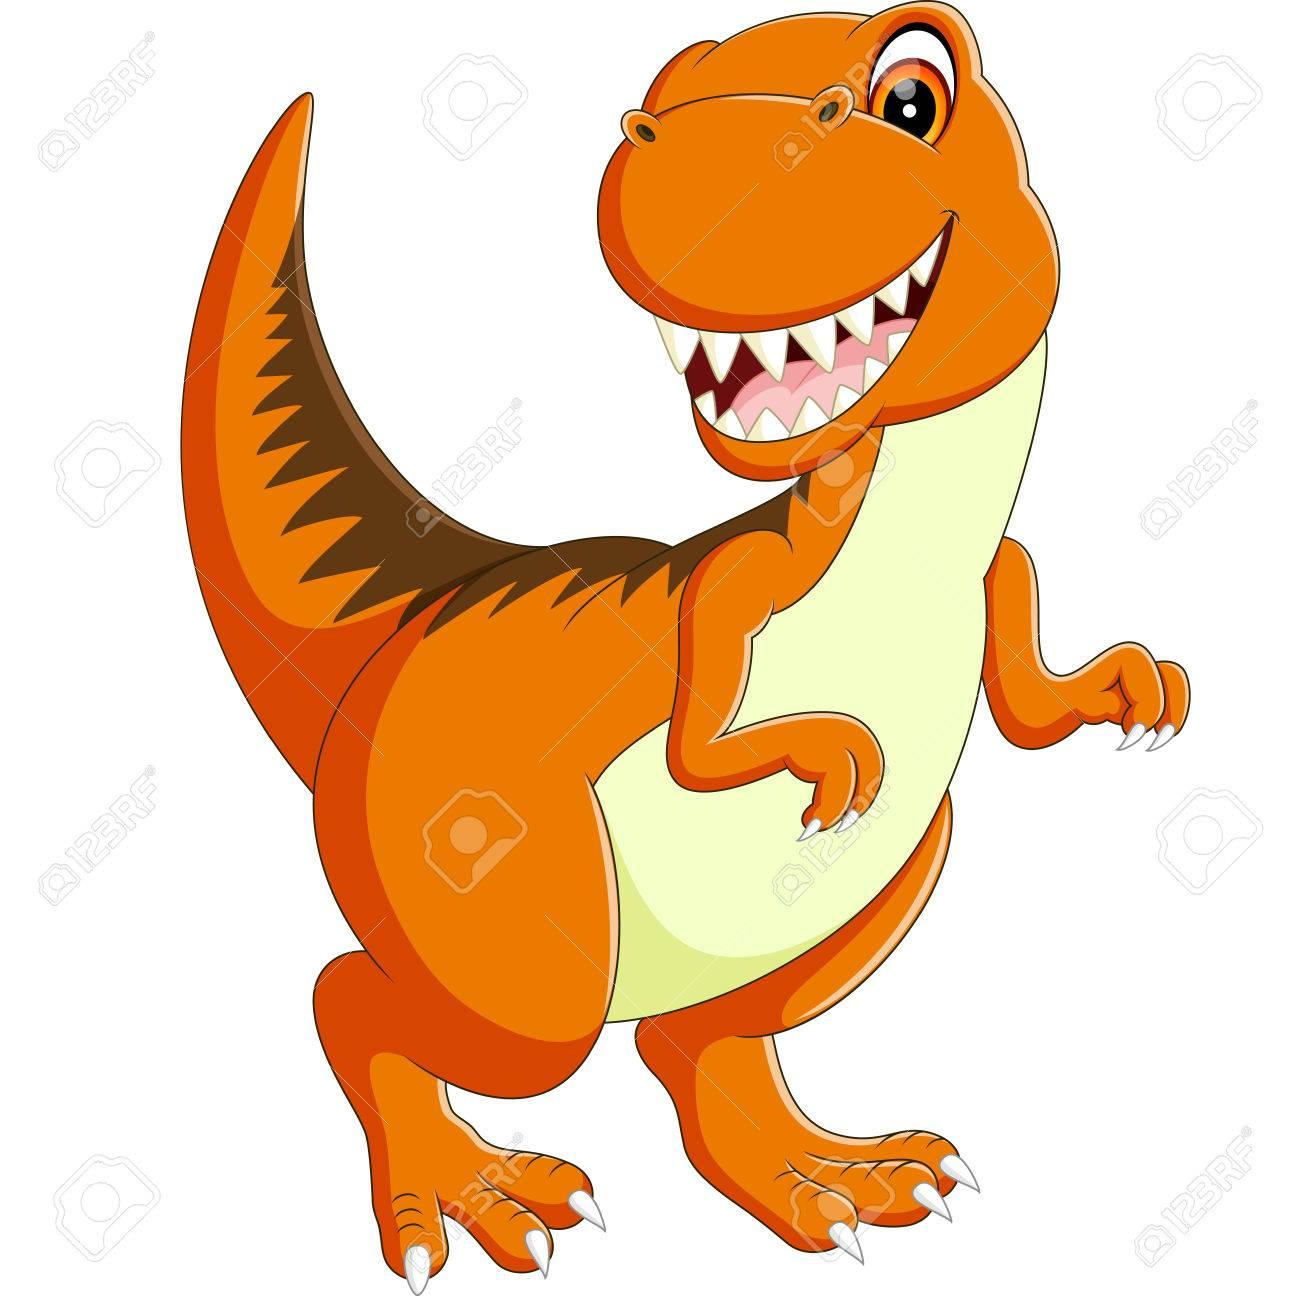 illustration of Cute dinosaur cartoon - 55160913